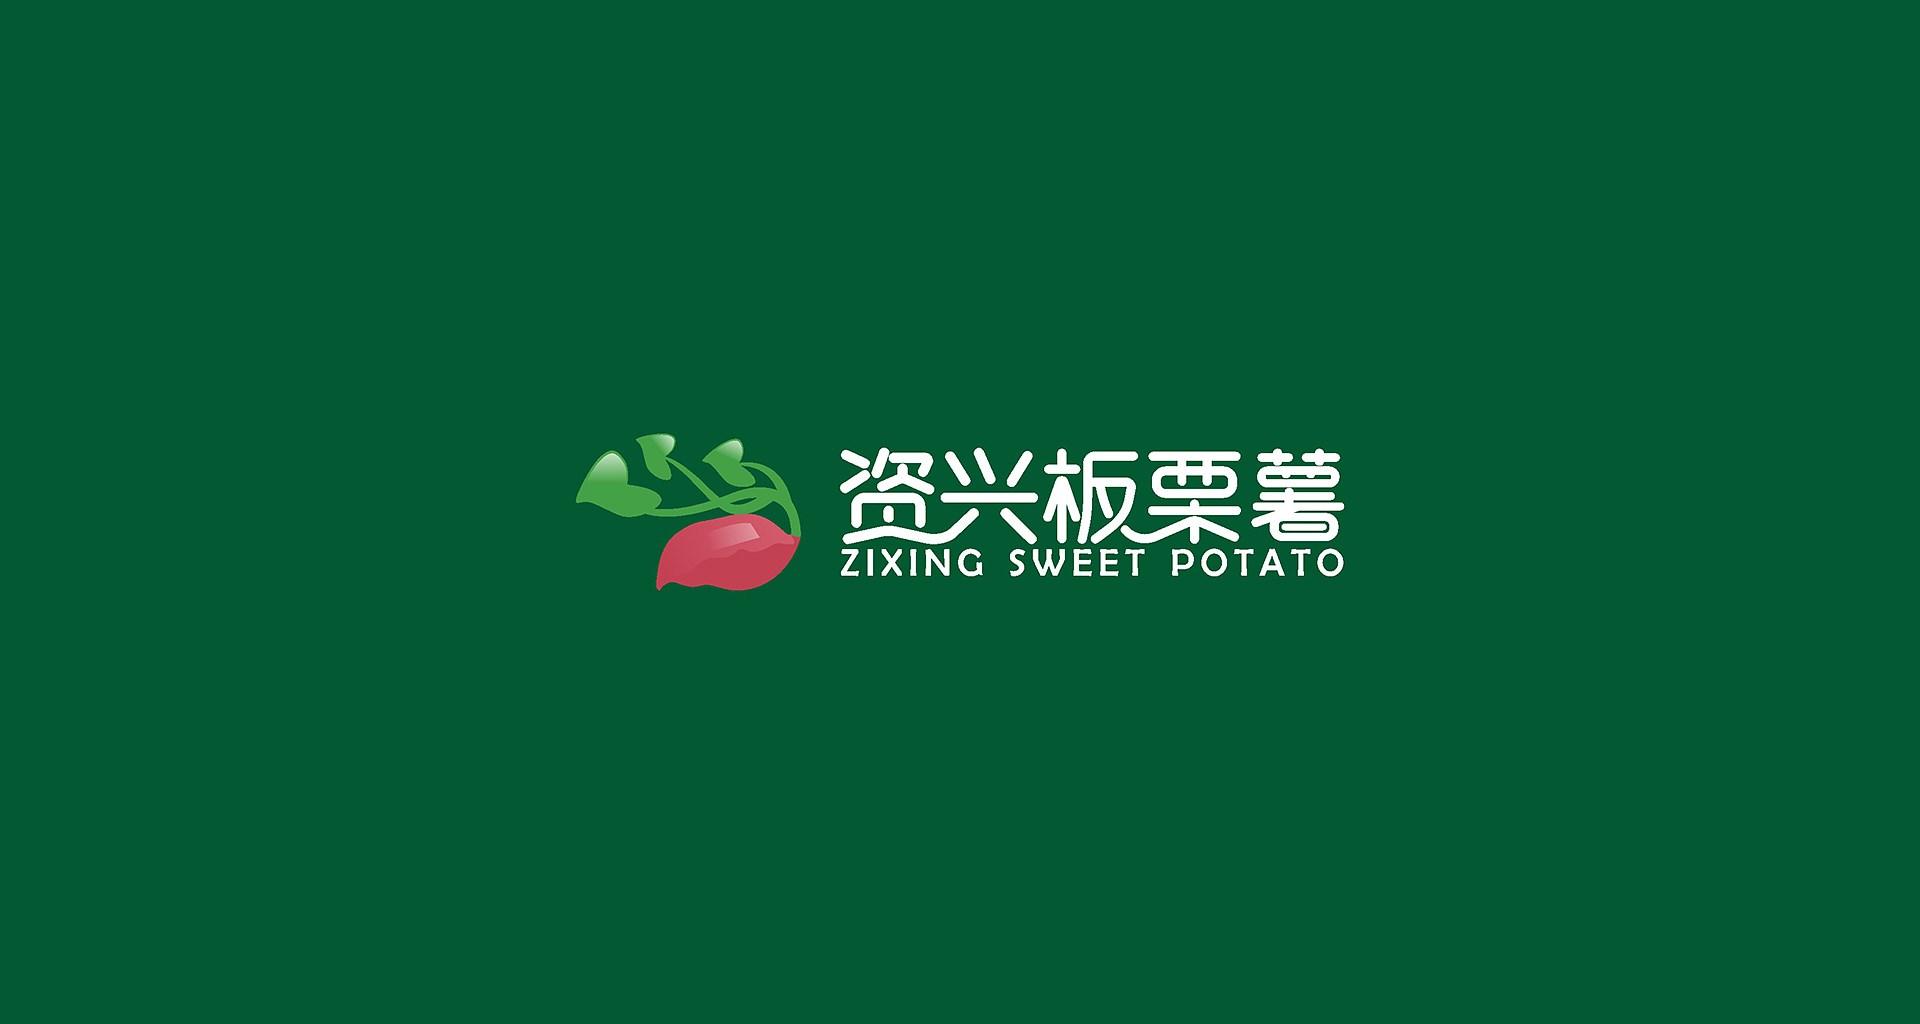 资兴板栗薯新万博竞彩app苹果下载万博manbetx手机版苹果下载_0007.JPG